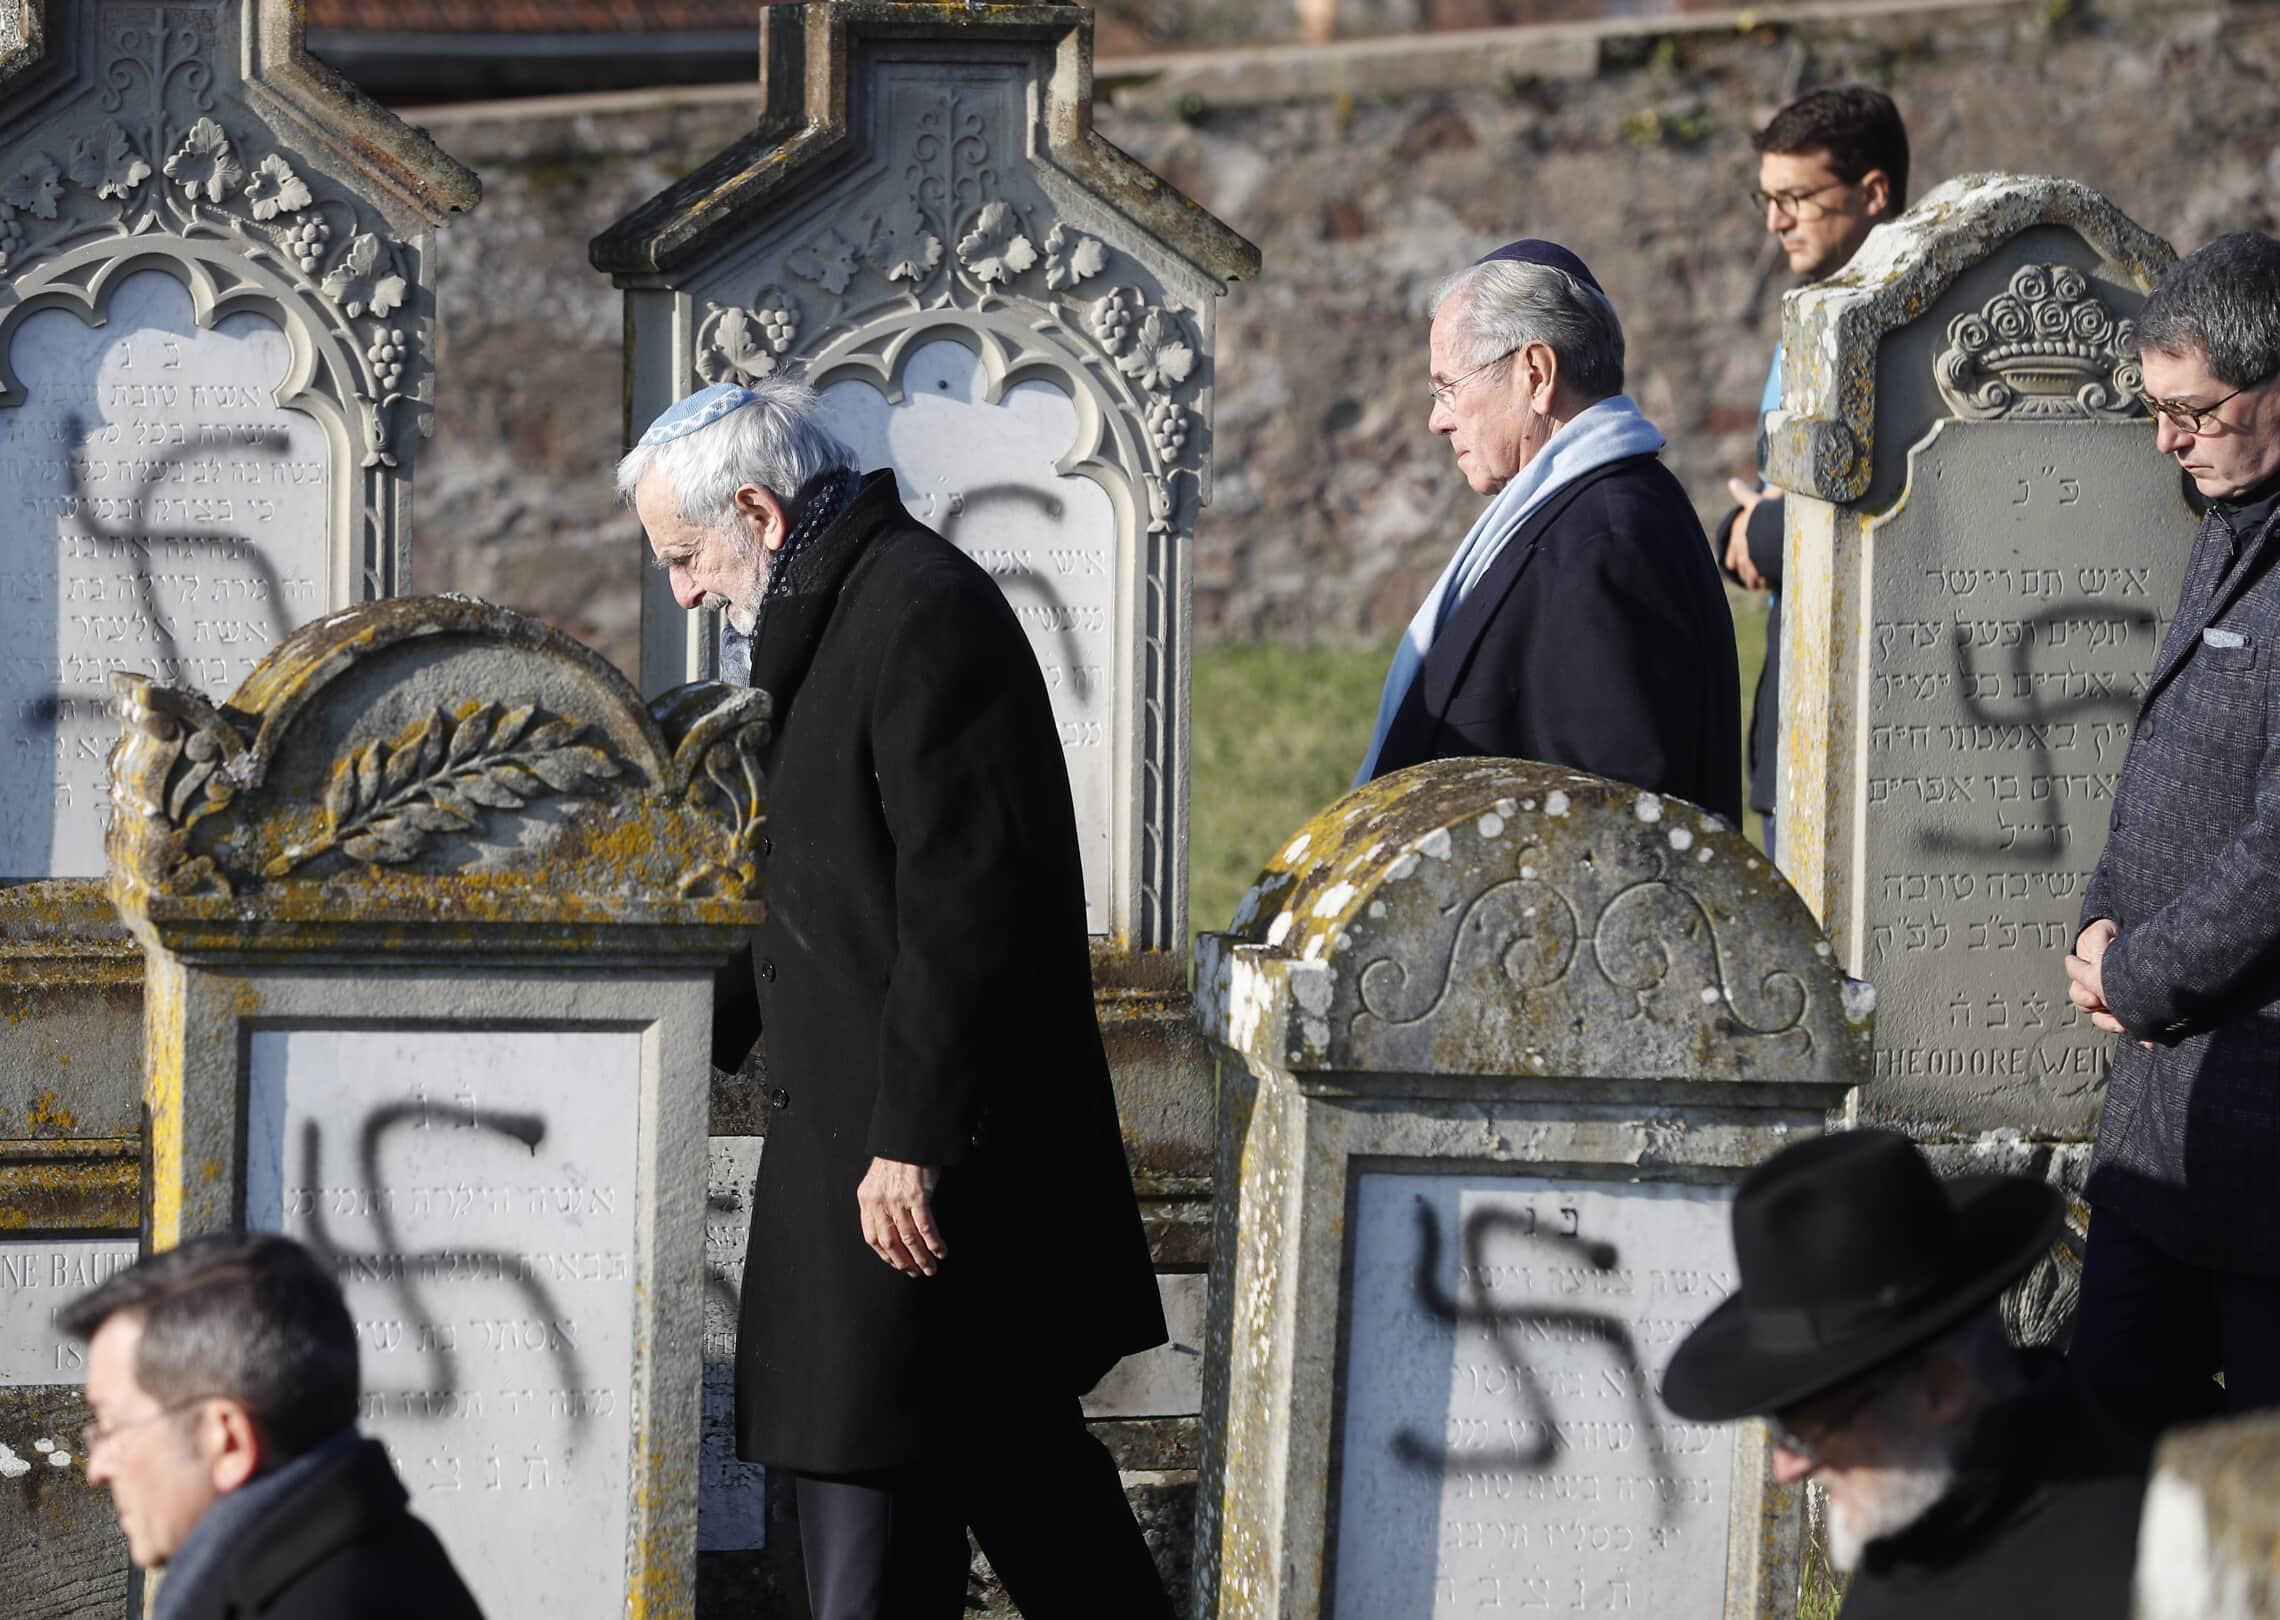 בית קברות יהודי חולל עם ציורים של צלבי קרס, צרפת, דצמבר 2019 (צילום: AP Photo/Jean-Francois Badias)